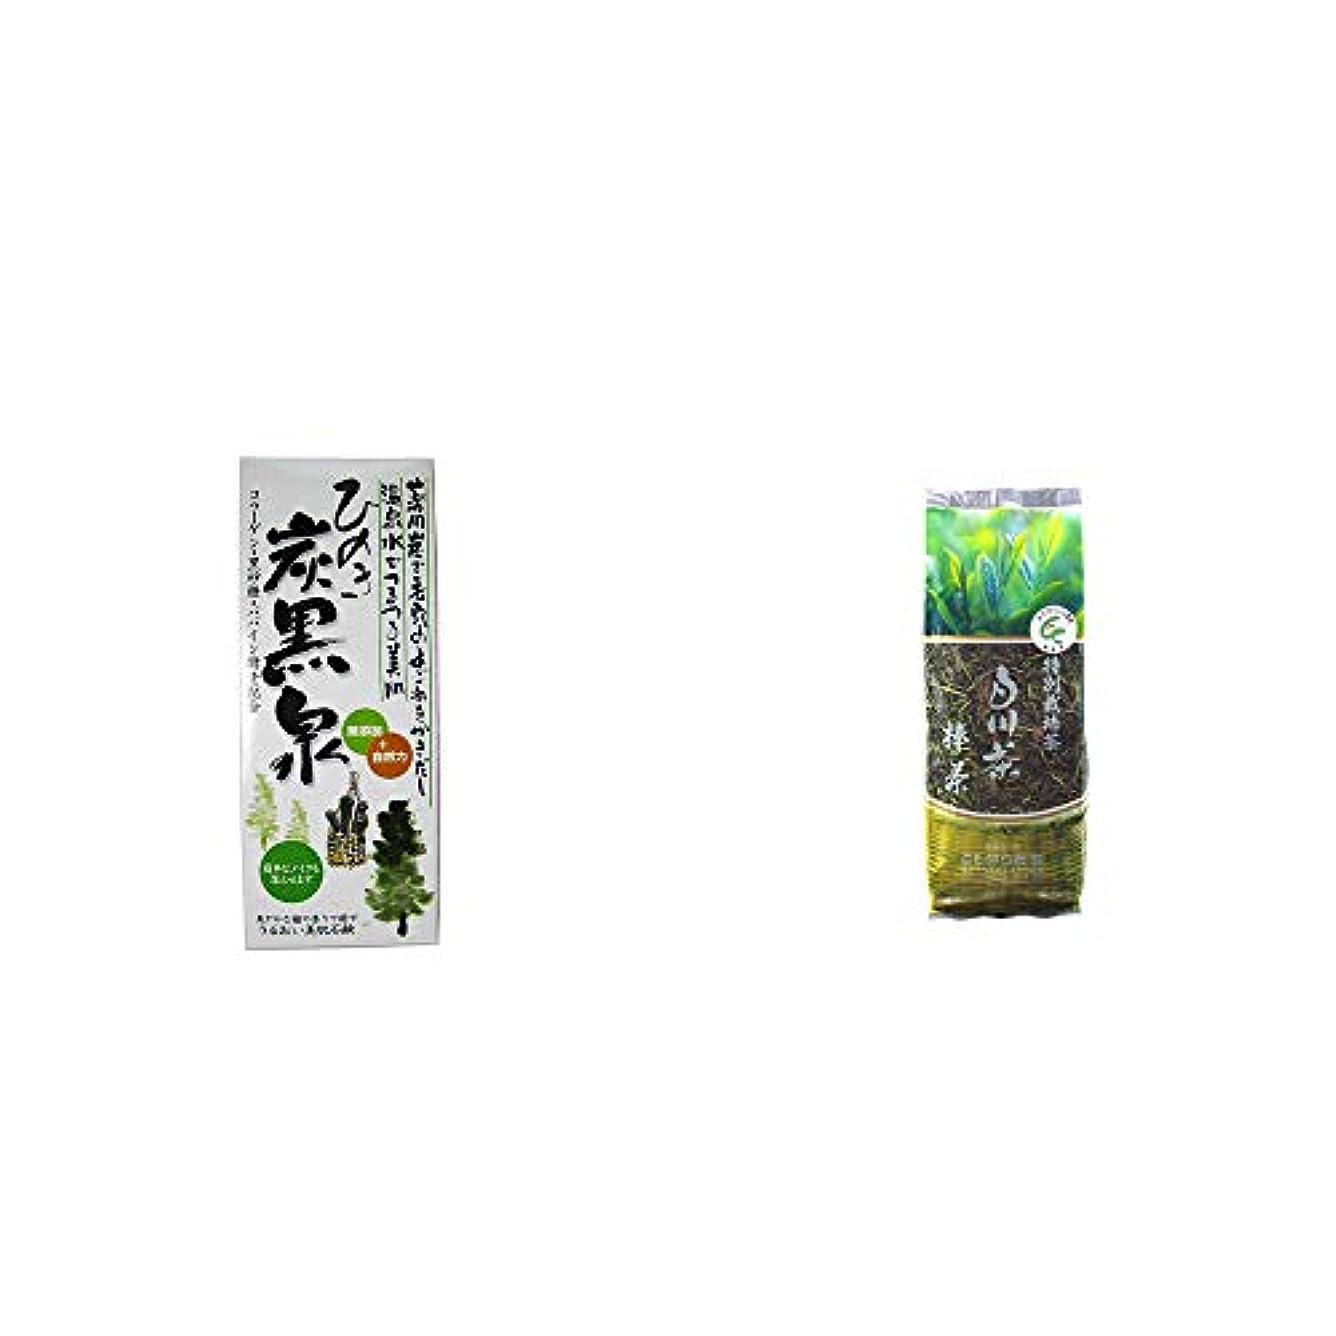 鋸歯状望むコンピューター[2点セット] ひのき炭黒泉 箱入り(75g×3)?白川茶 特別栽培茶【棒茶】(150g)